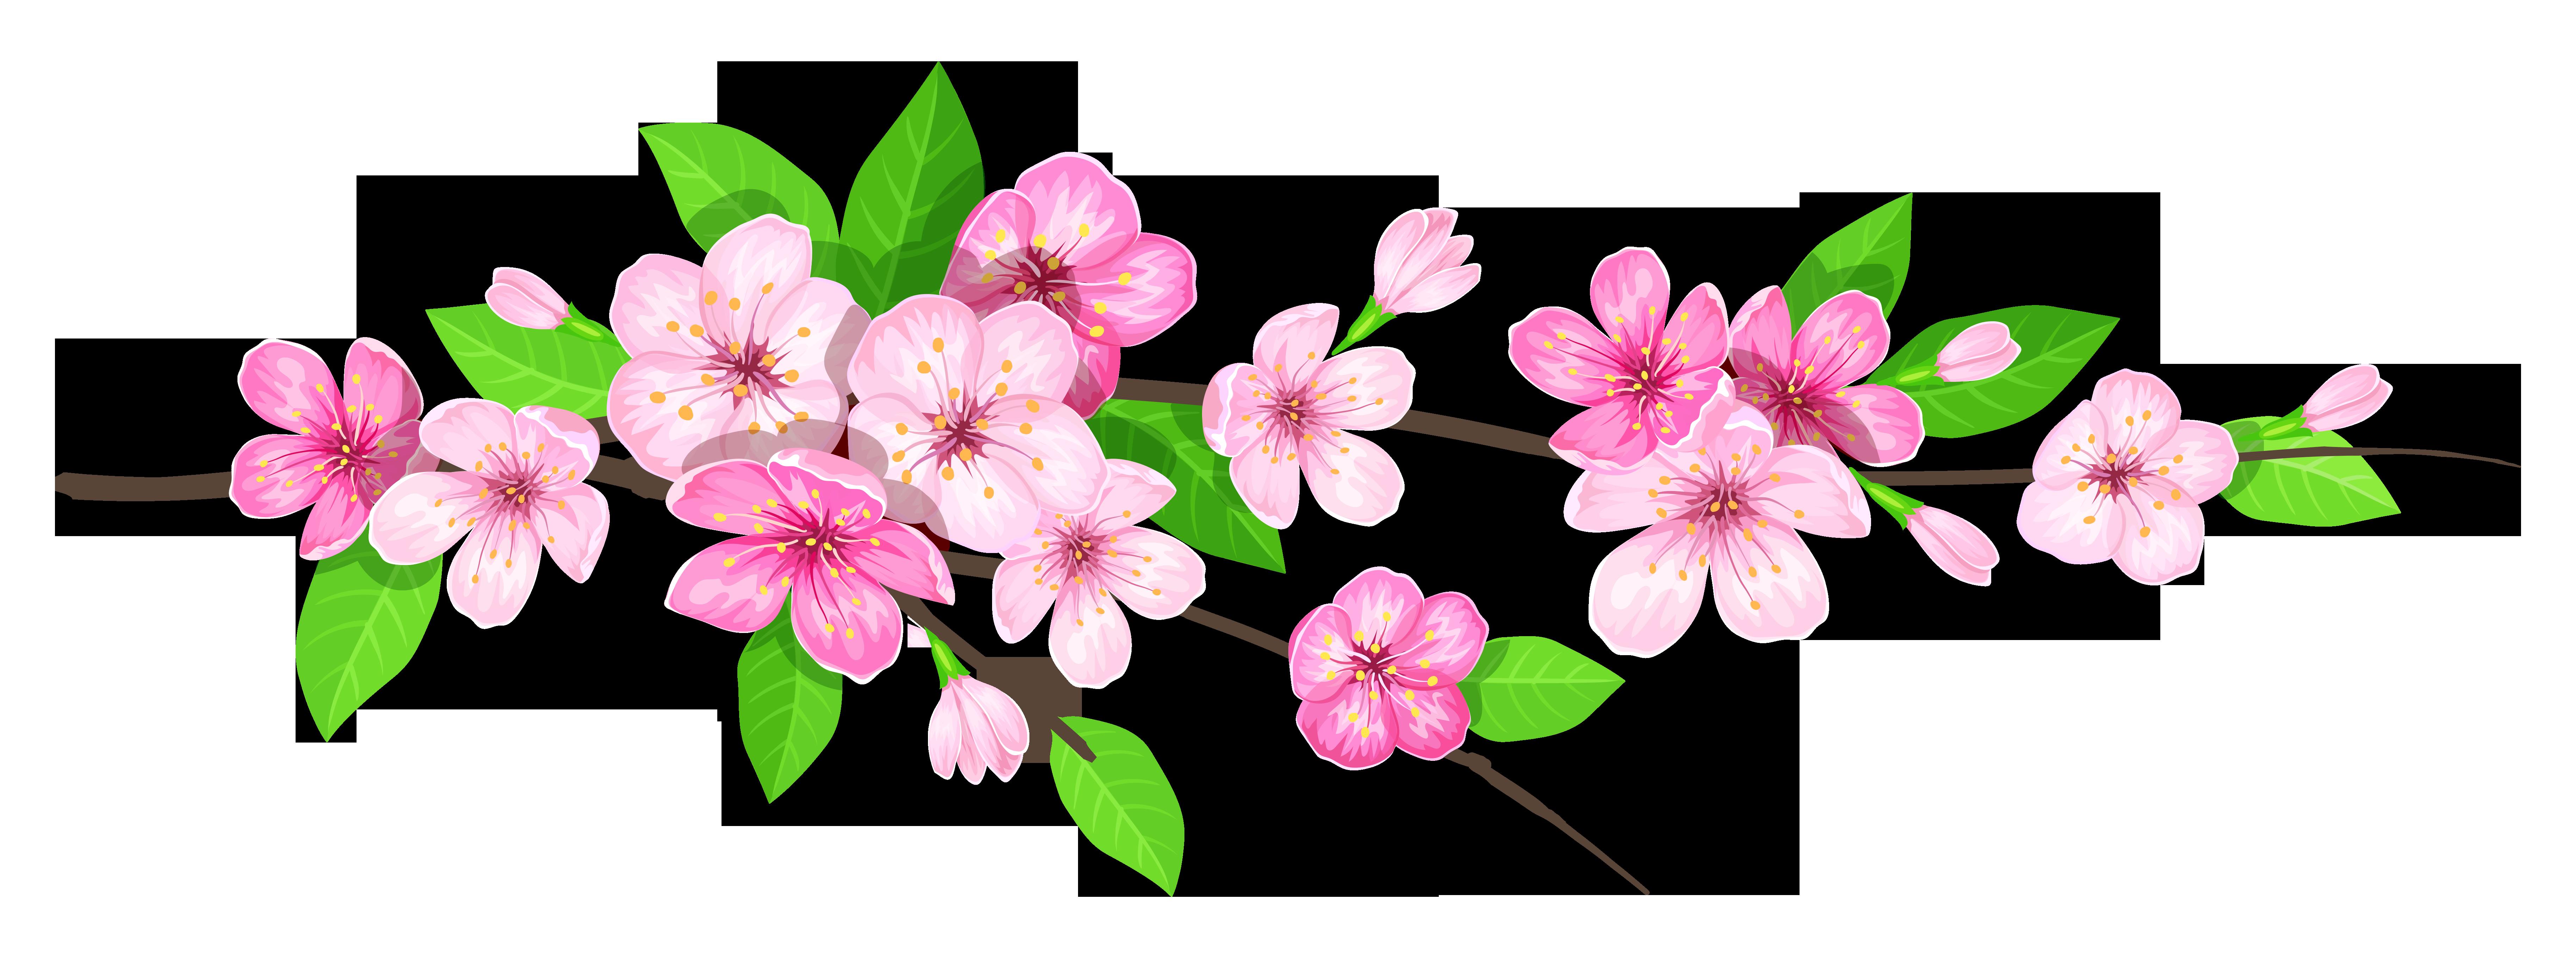 Pink Spring Branch PNG Image.